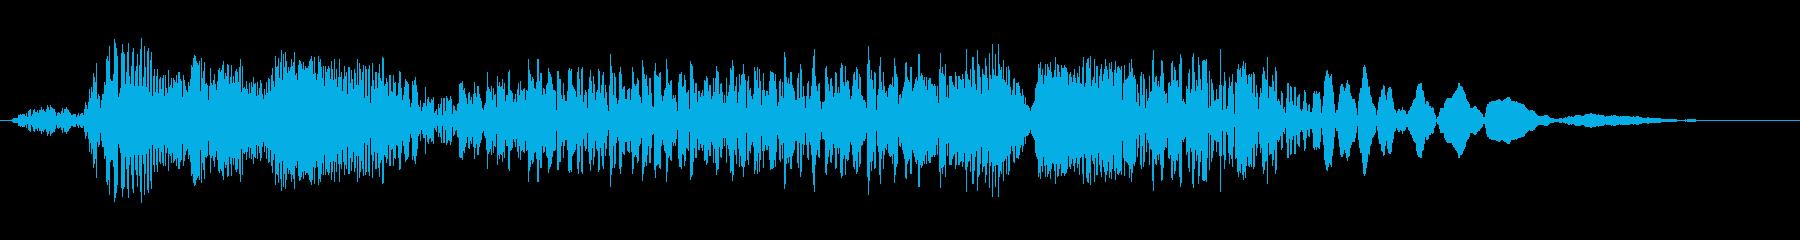 ショートスクラッチディストーション...の再生済みの波形